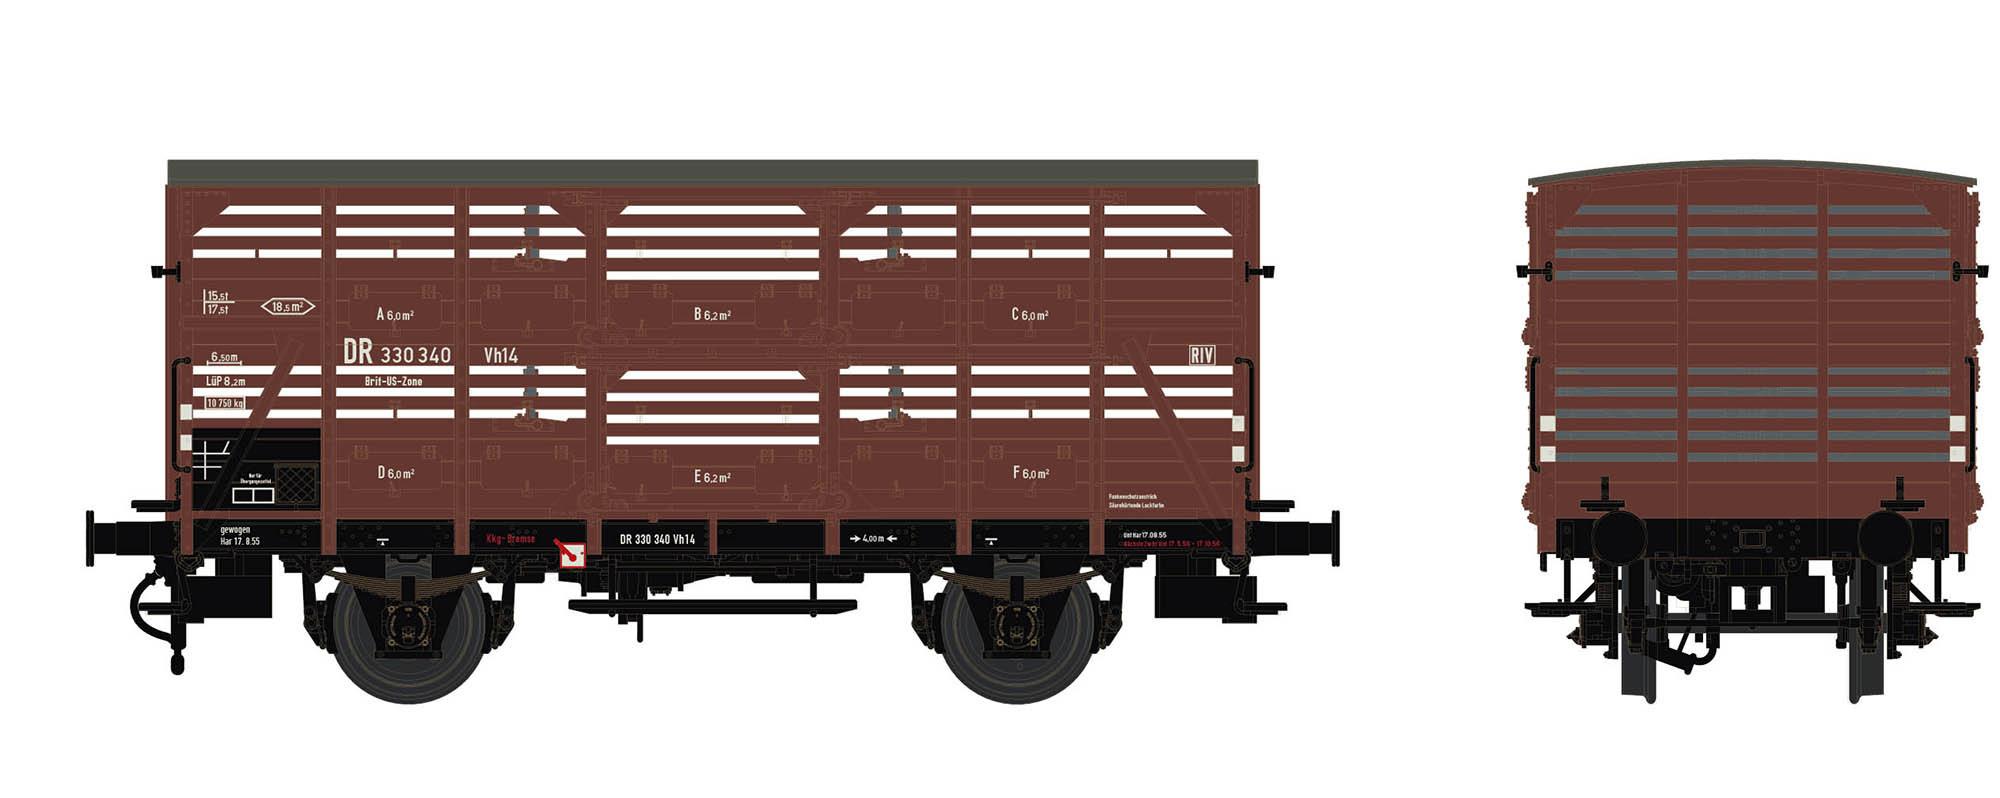 Wagenbausatz Verschlagwagen Vh14, DB, Epoche IIIa